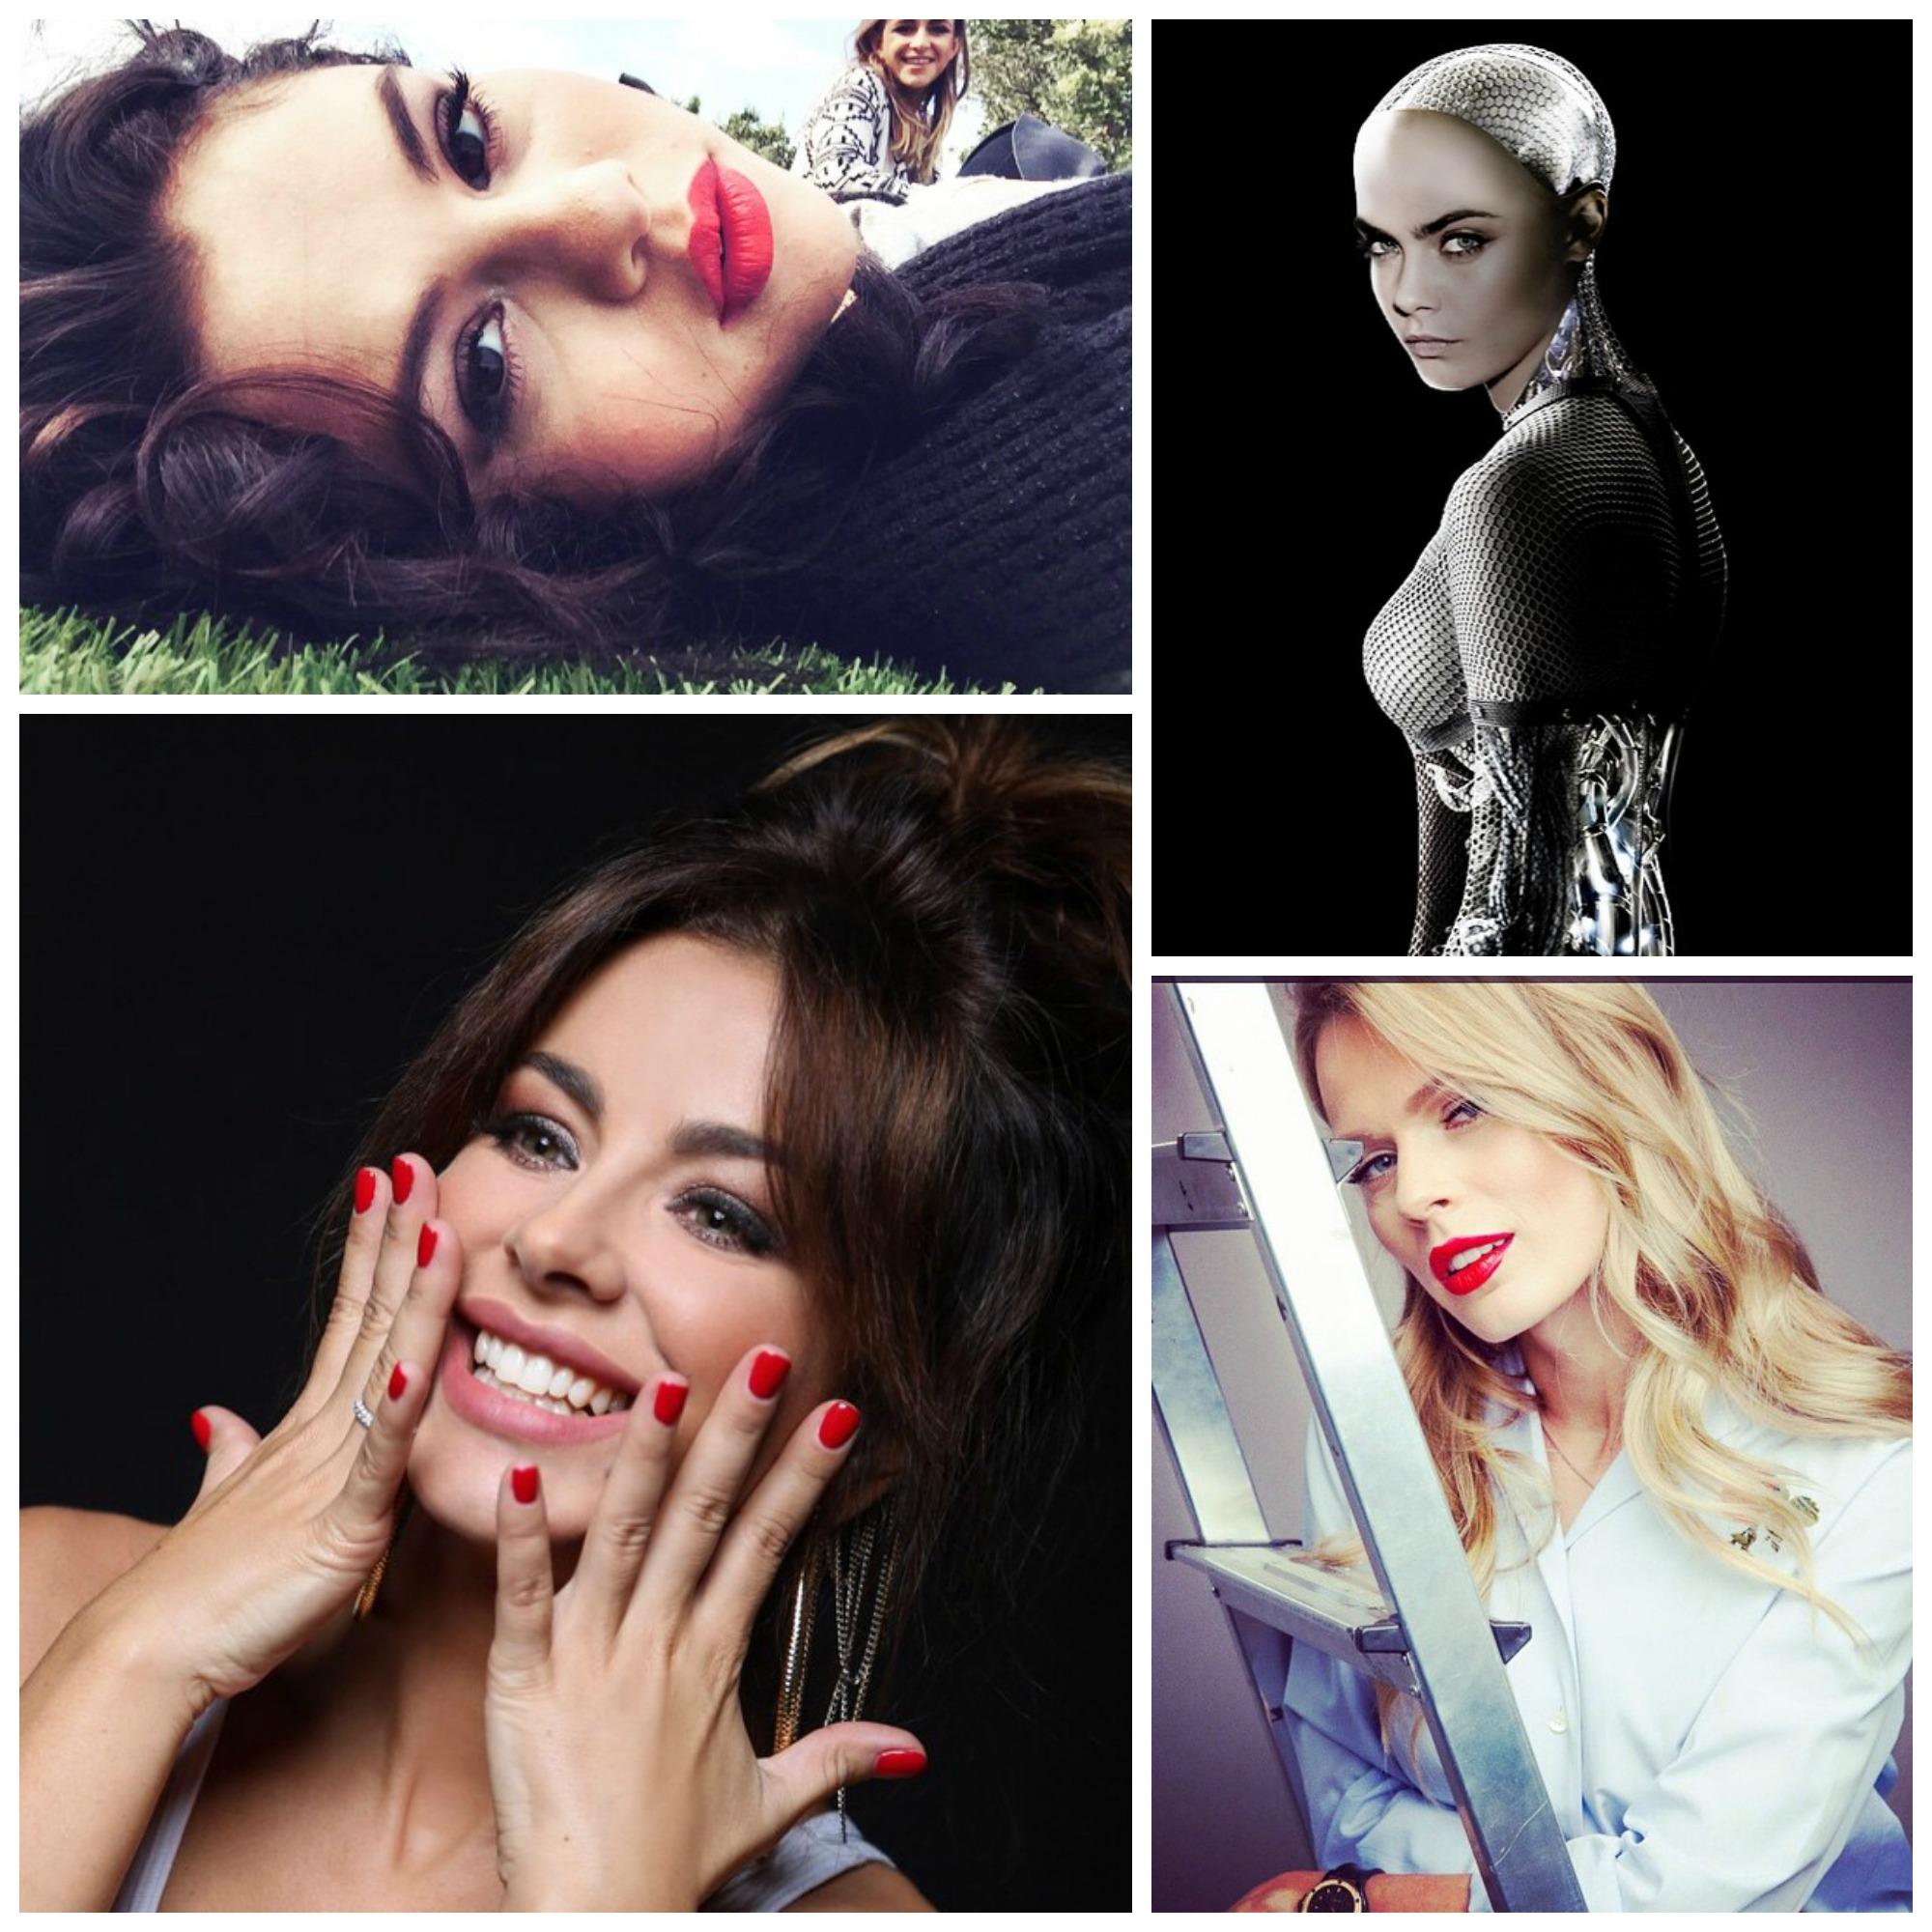 Самые стильные снимки знаменитостей в Instagram